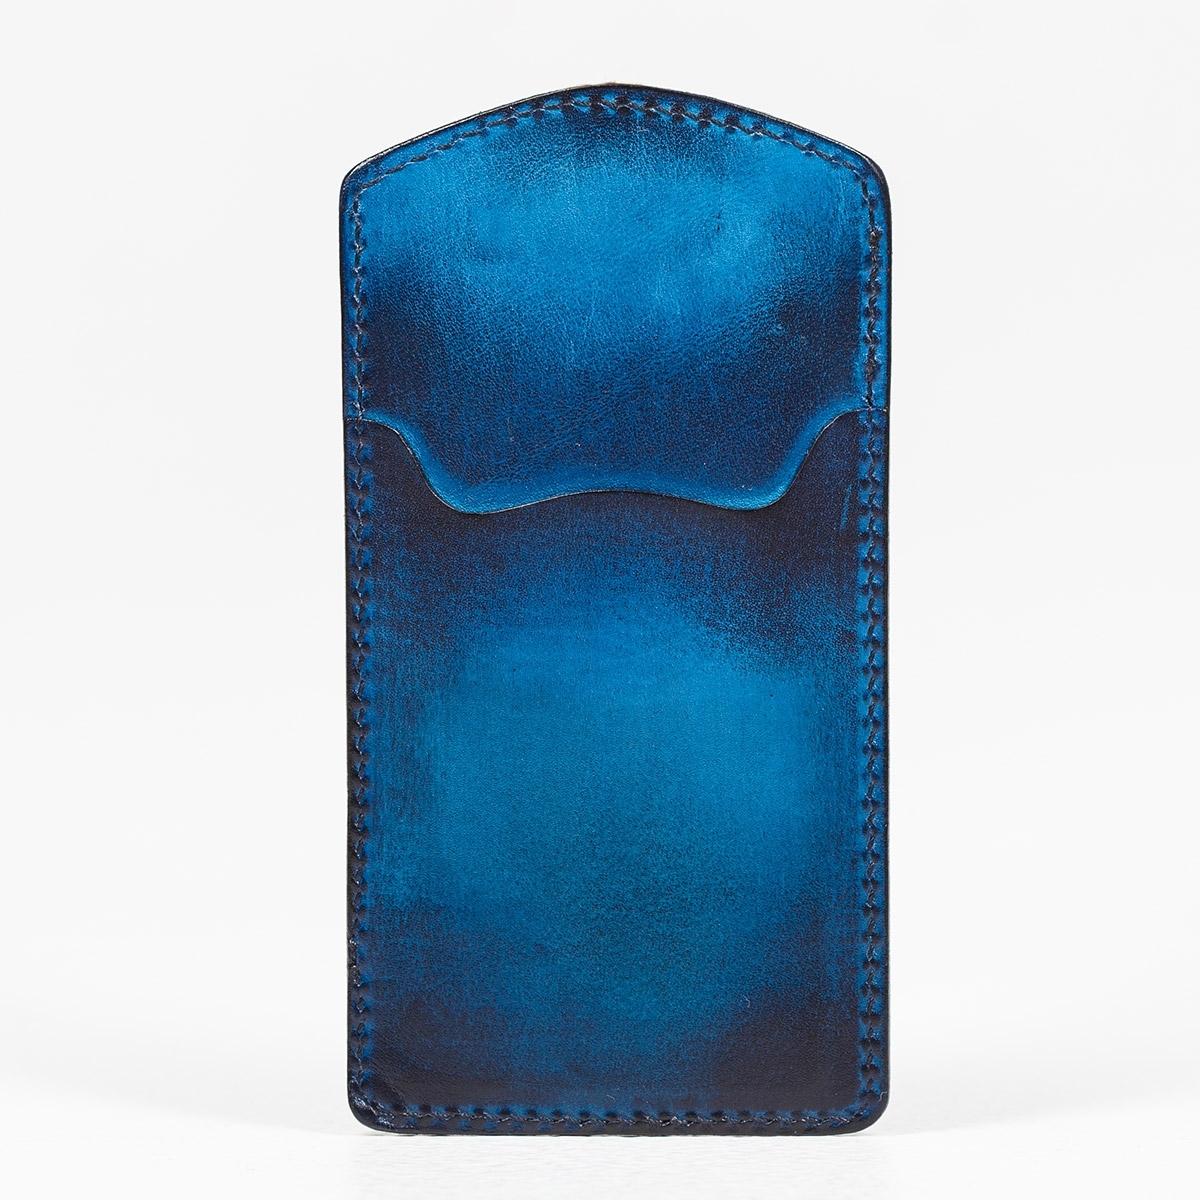 Кардхолдер TOWER каштановый & голубой сапфир